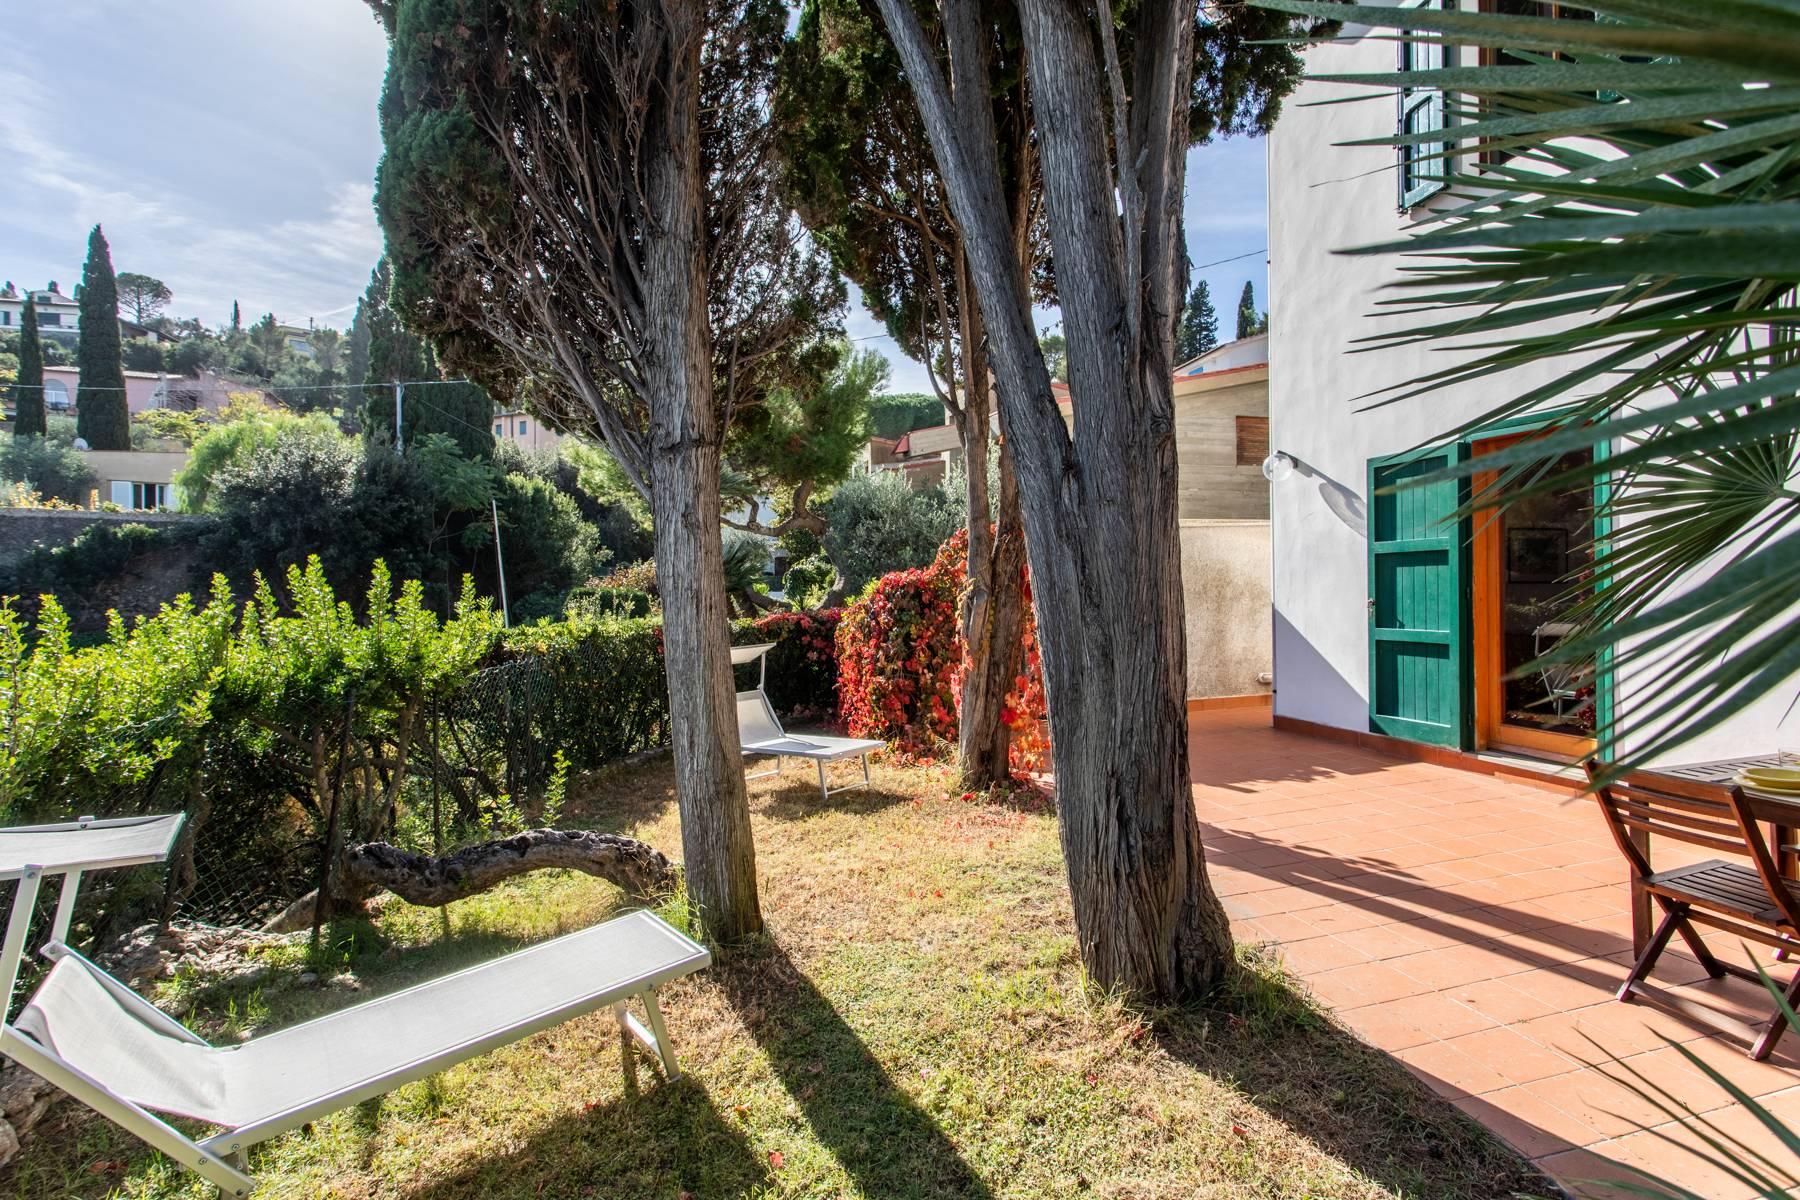 Villa in Vendita a Monte Argentario: 5 locali, 140 mq - Foto 28